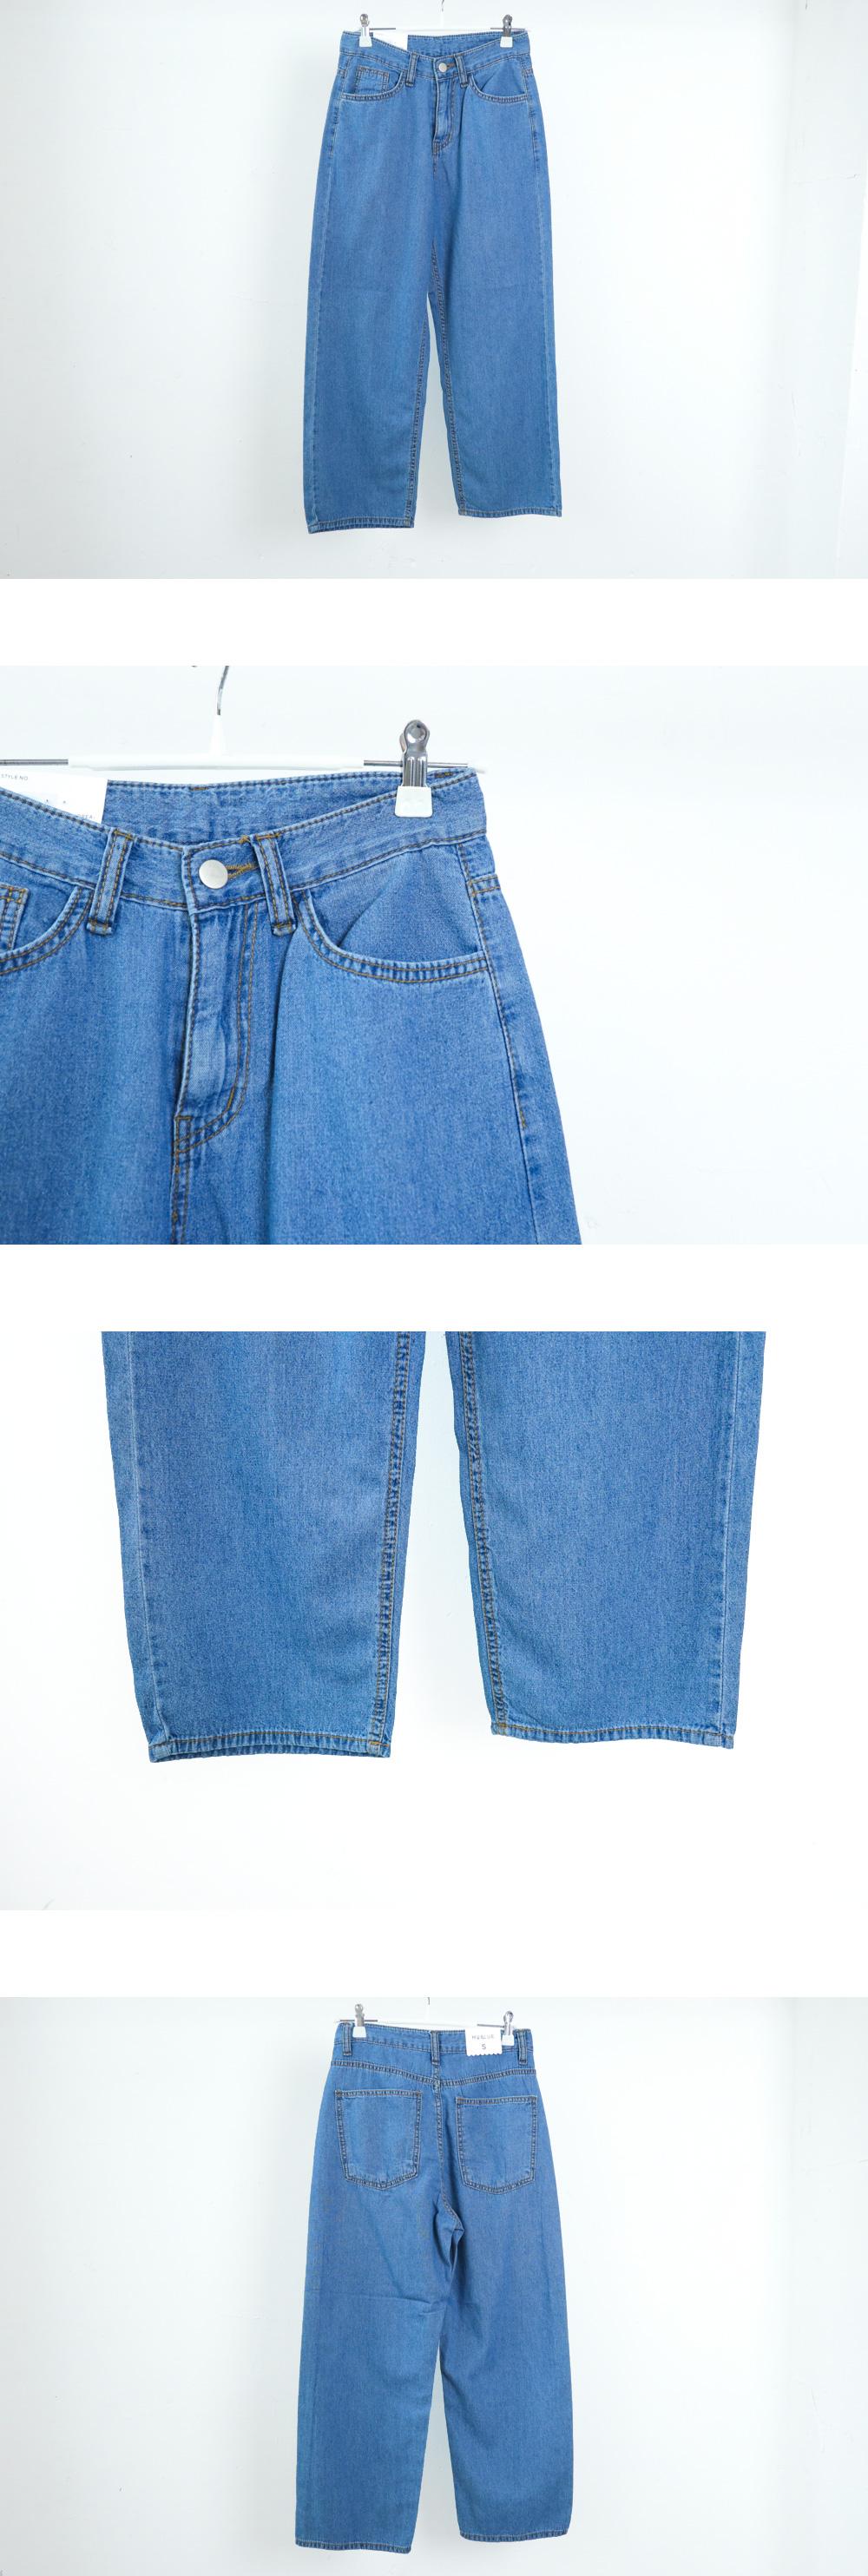 549 Summer 16 Number Wide Denim Pants